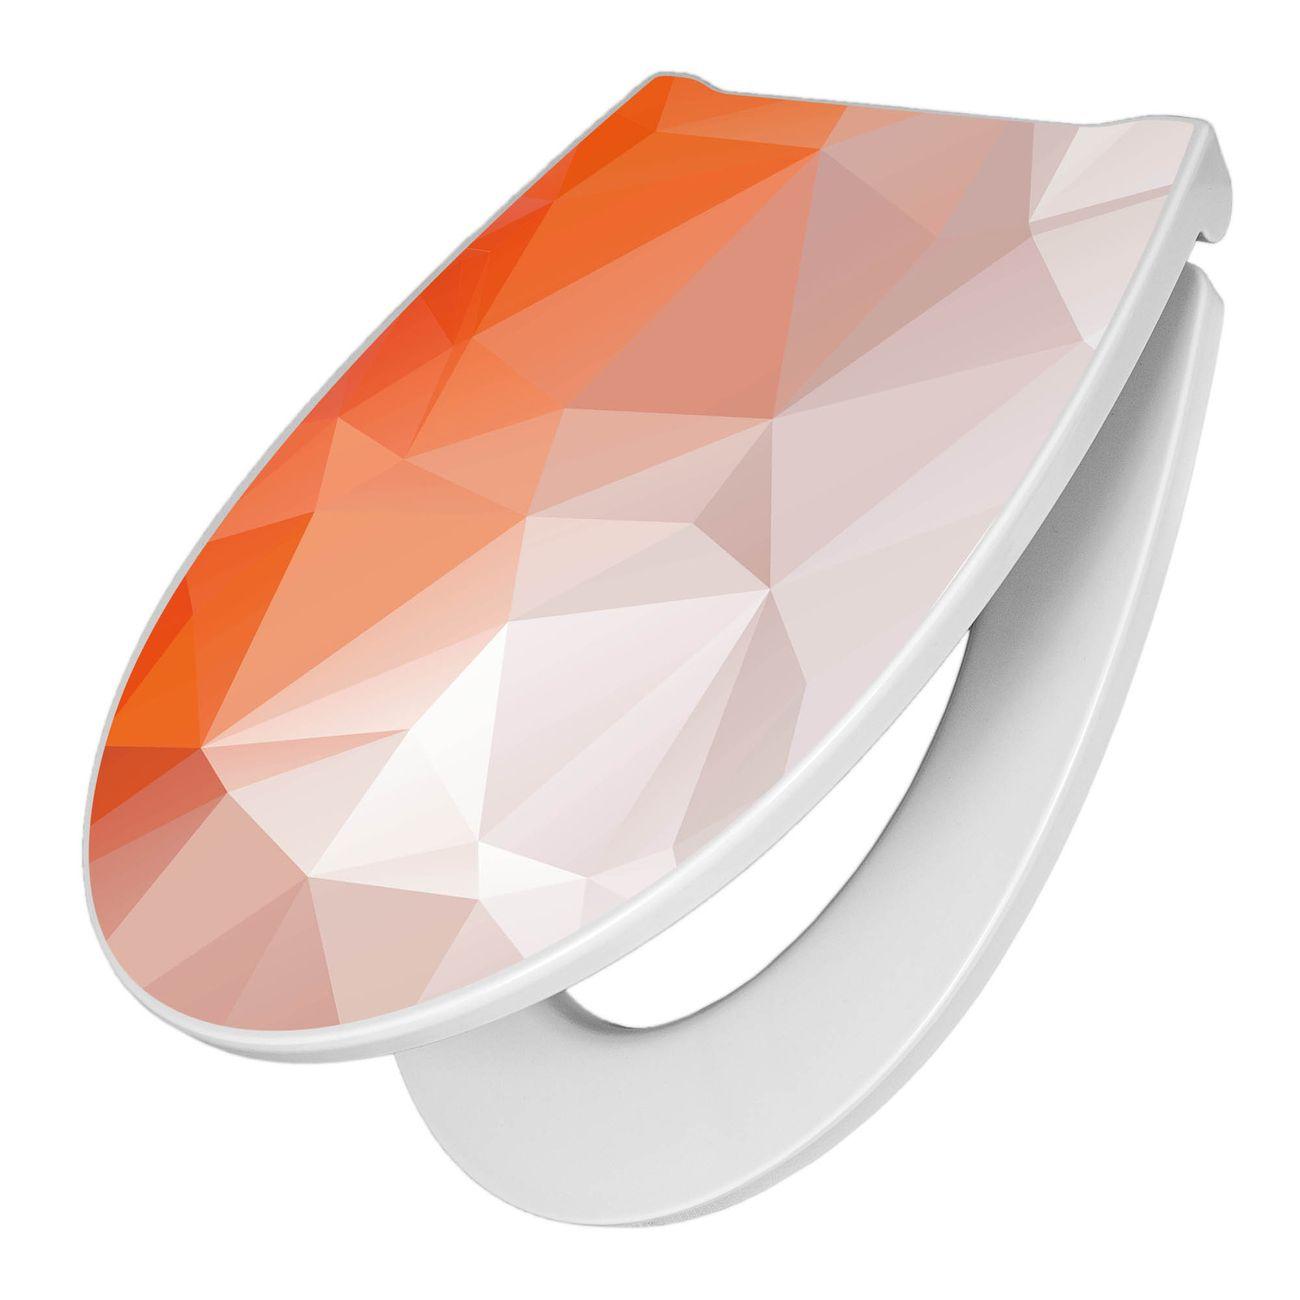 Premium WC-Sitz Softclose Absenkautomatik Motiv Orange Polygon